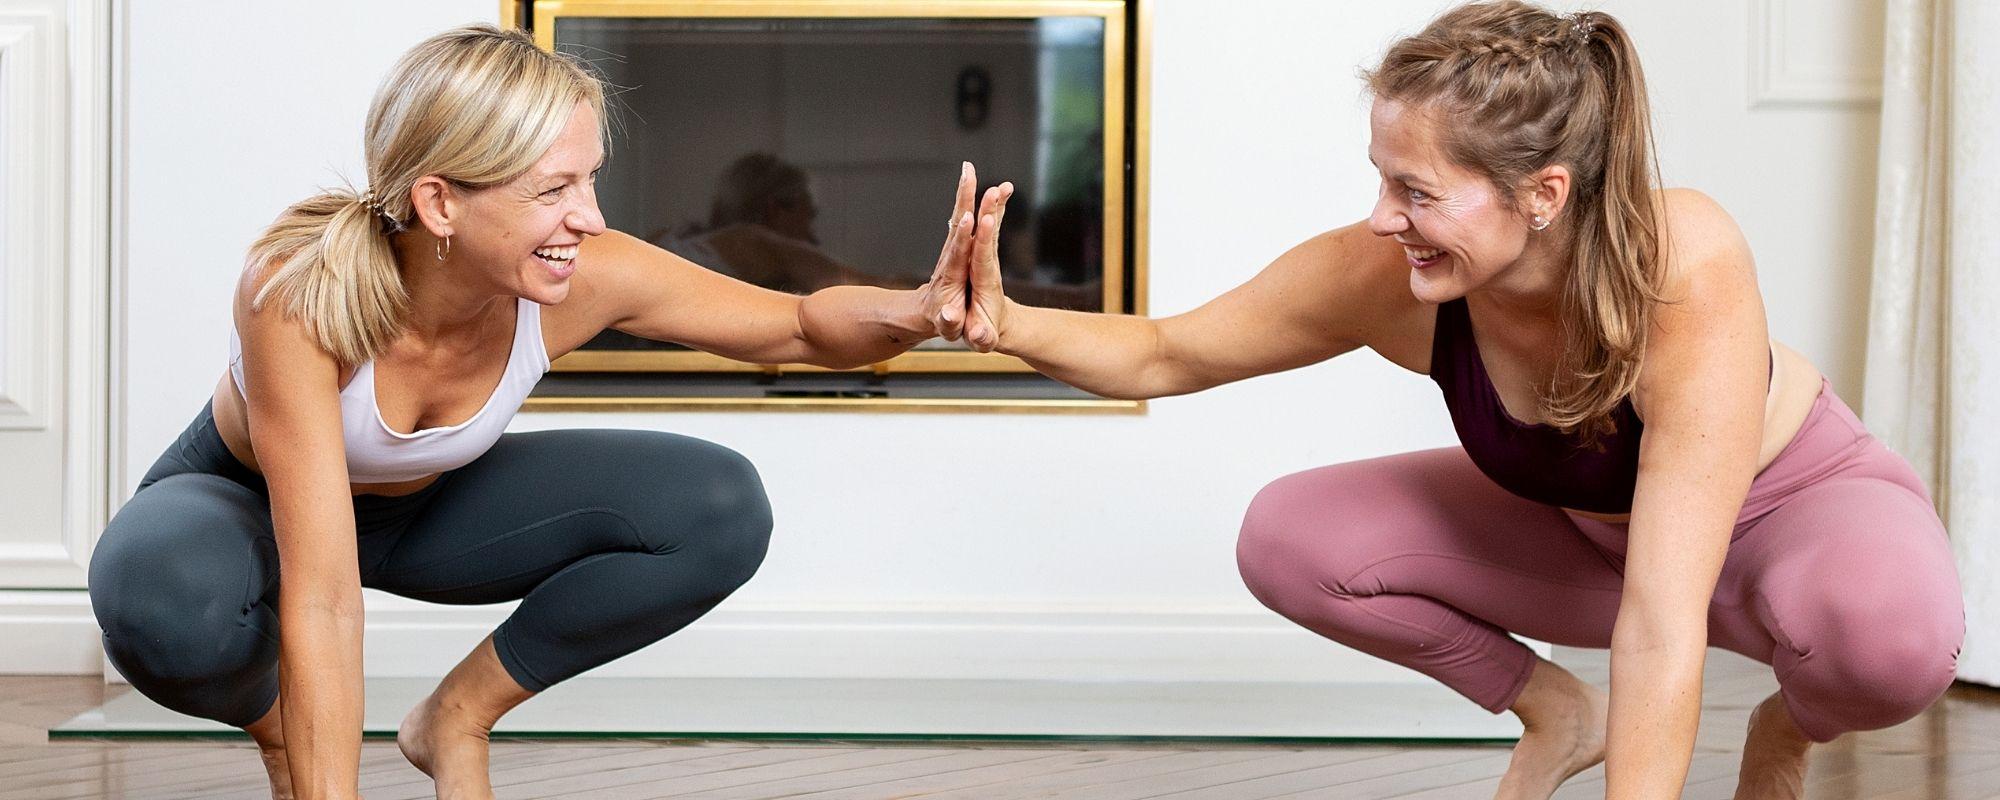 yoga-freiburg-privat-stunde-einzelunterricht-banner-9